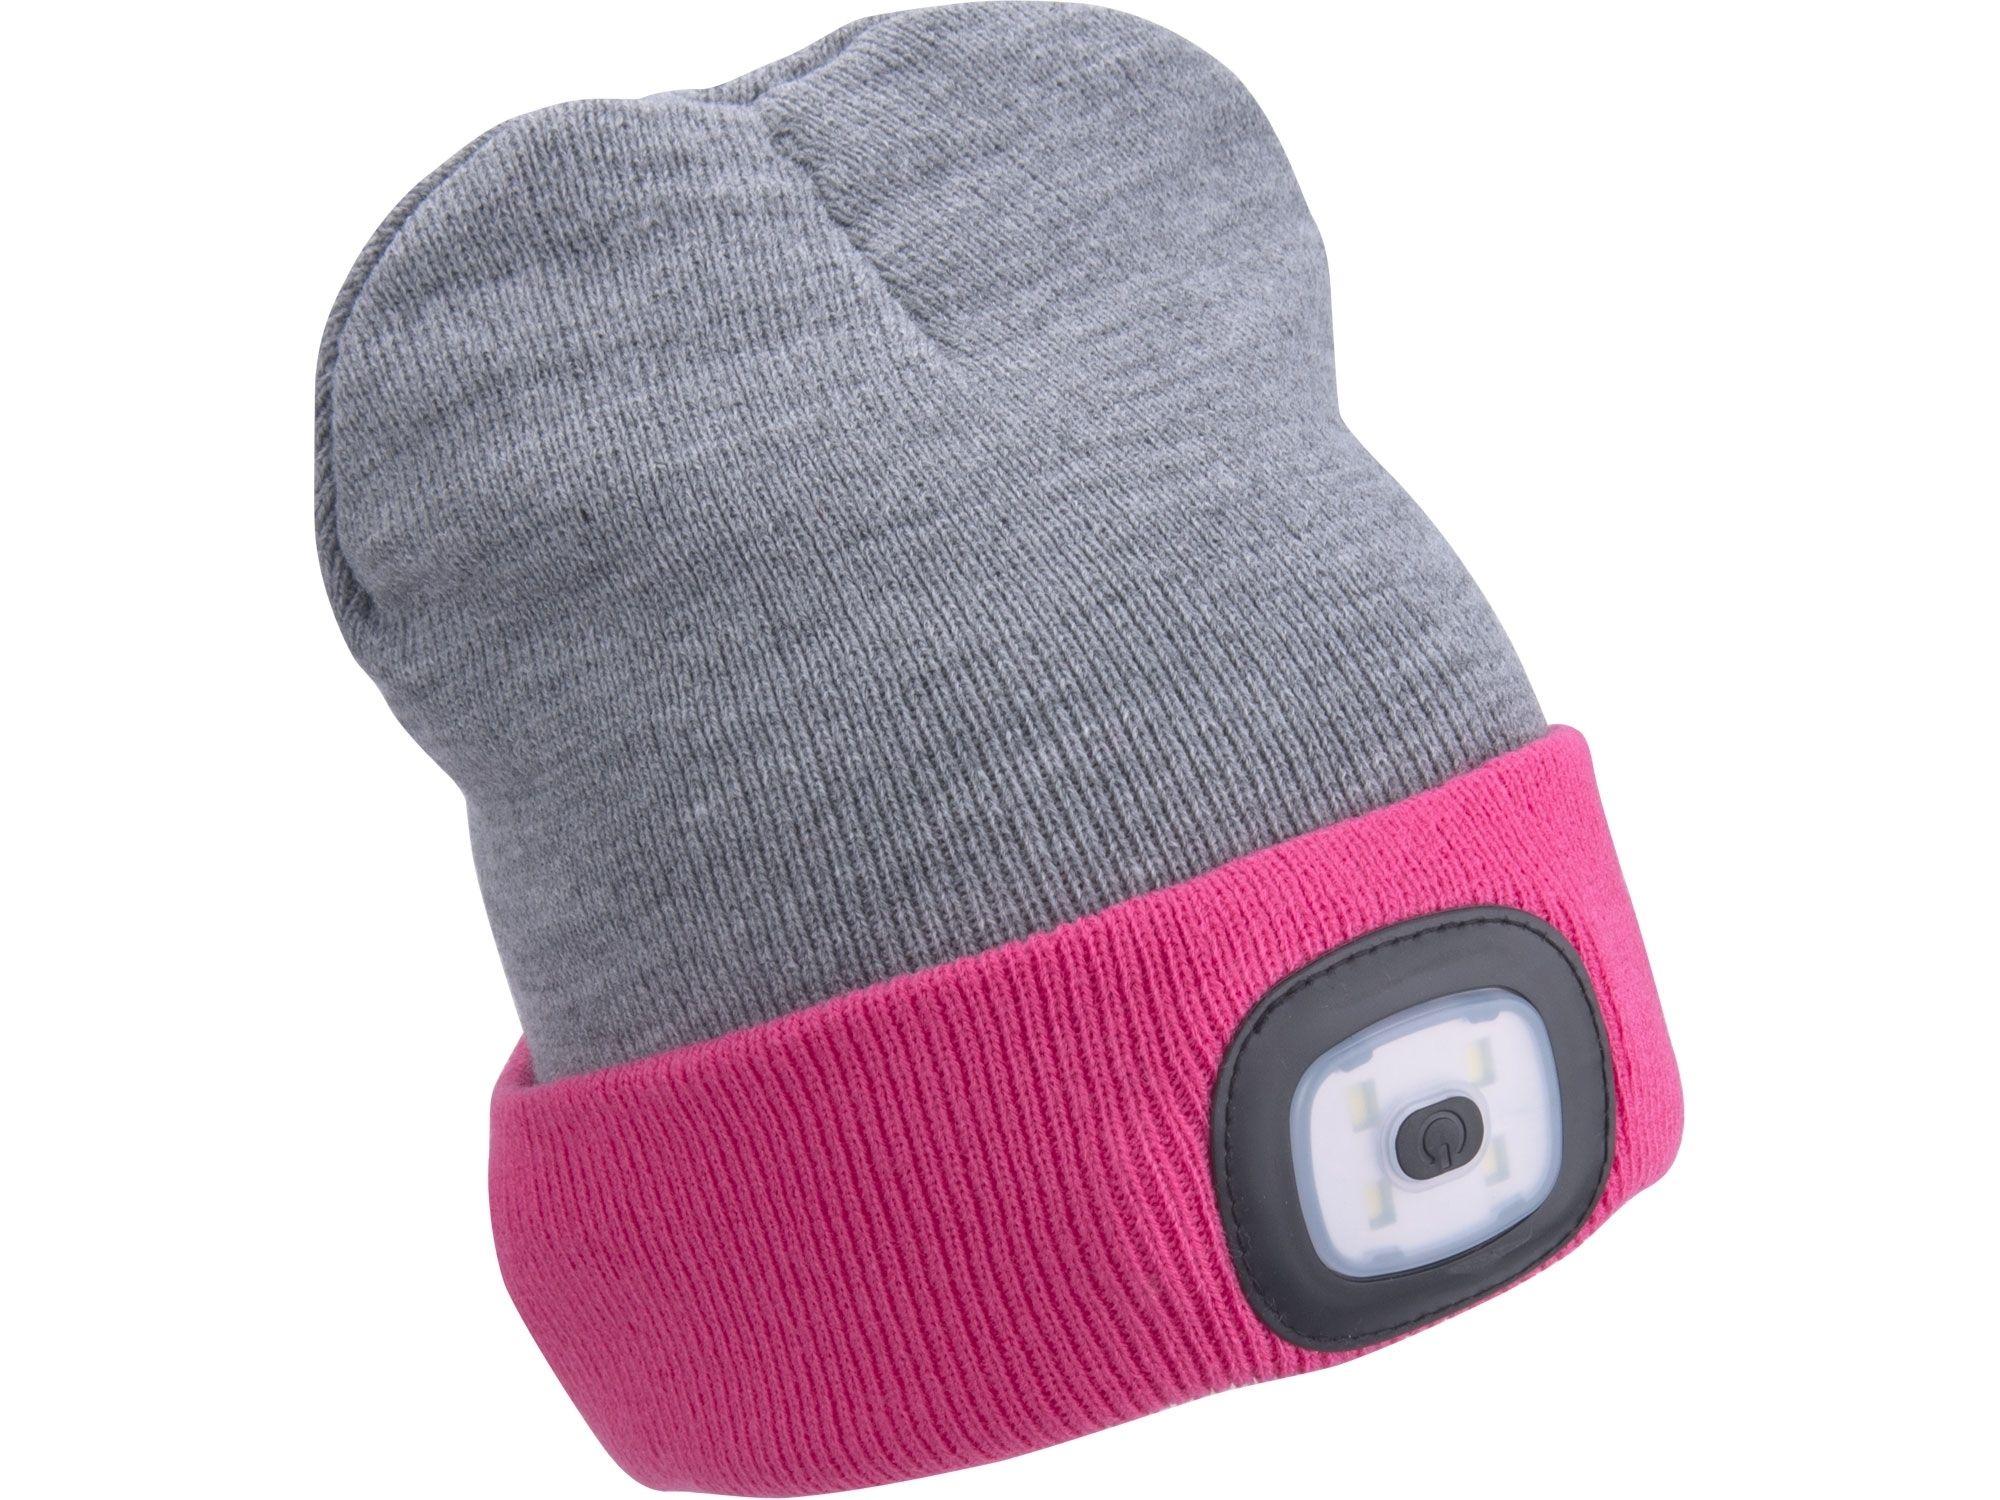 Čepice s čelovkou 4x45lm, USB nabíjení, světle šedá/růžová, oboustranná, univerzální vel. EXTOL-LIGHT